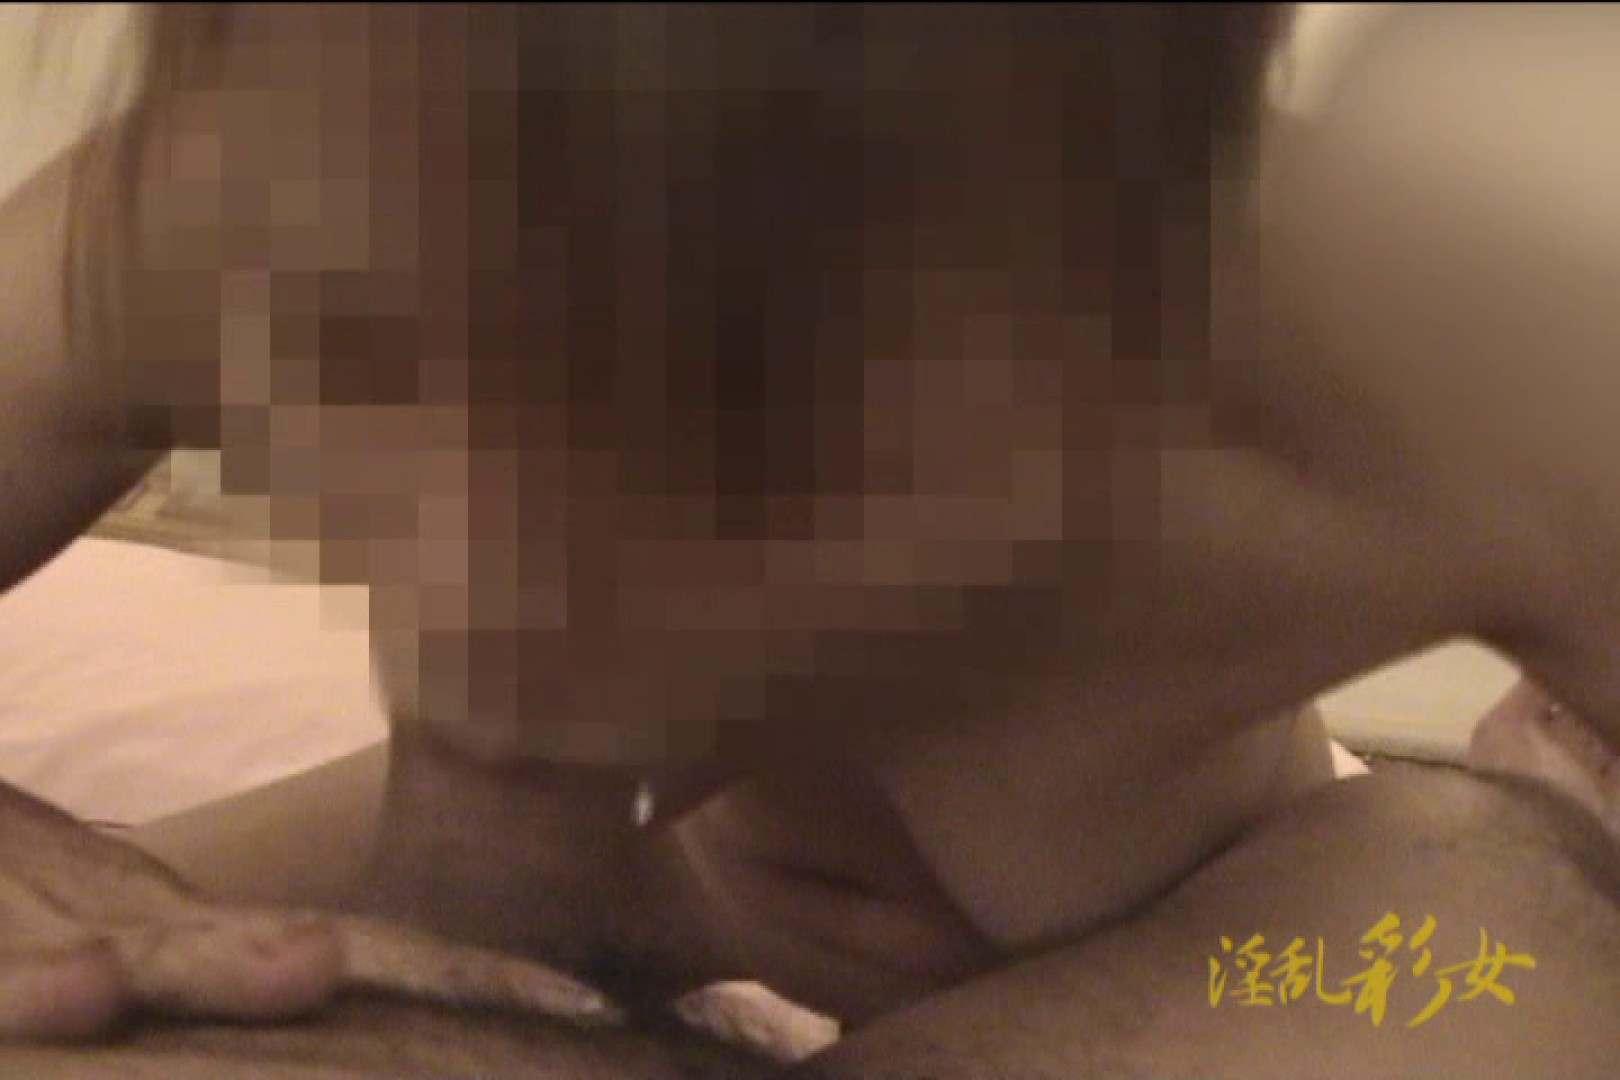 淫乱彩女 麻優里 オムニバスそして顔射 一般投稿  106pic 52